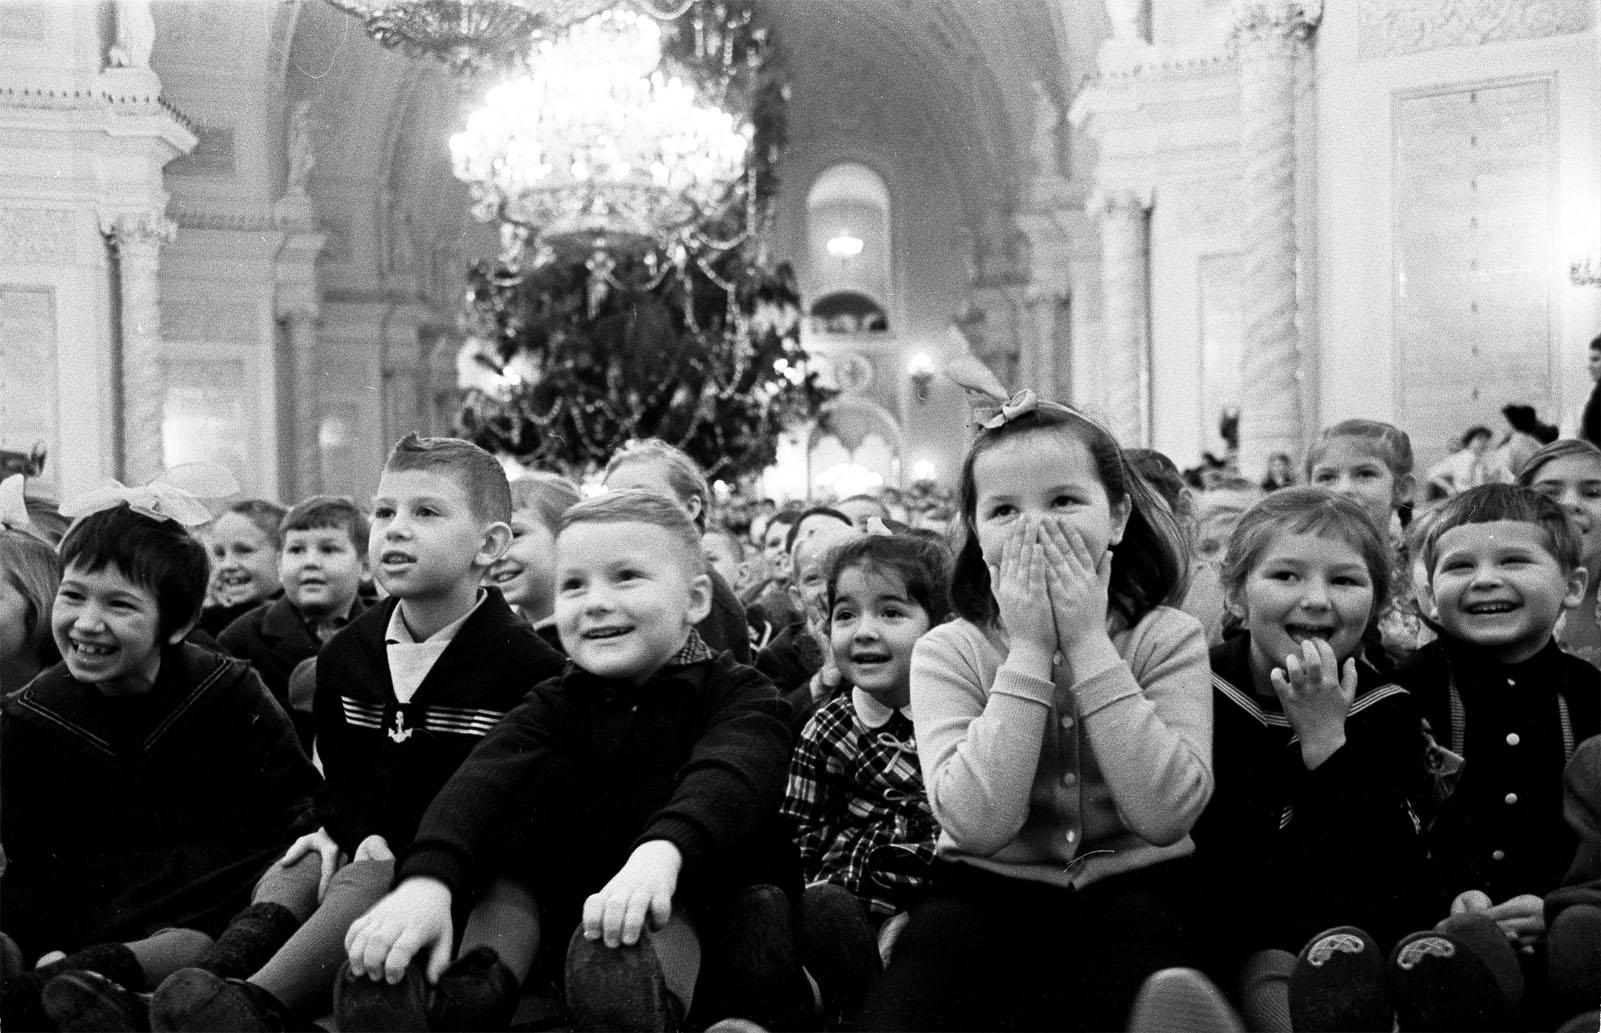 1962. Юные зрители на новогодней ёлке в Георгиевском зале Большого Кремлёвского дворца. Автор В. Егоров. 3 января